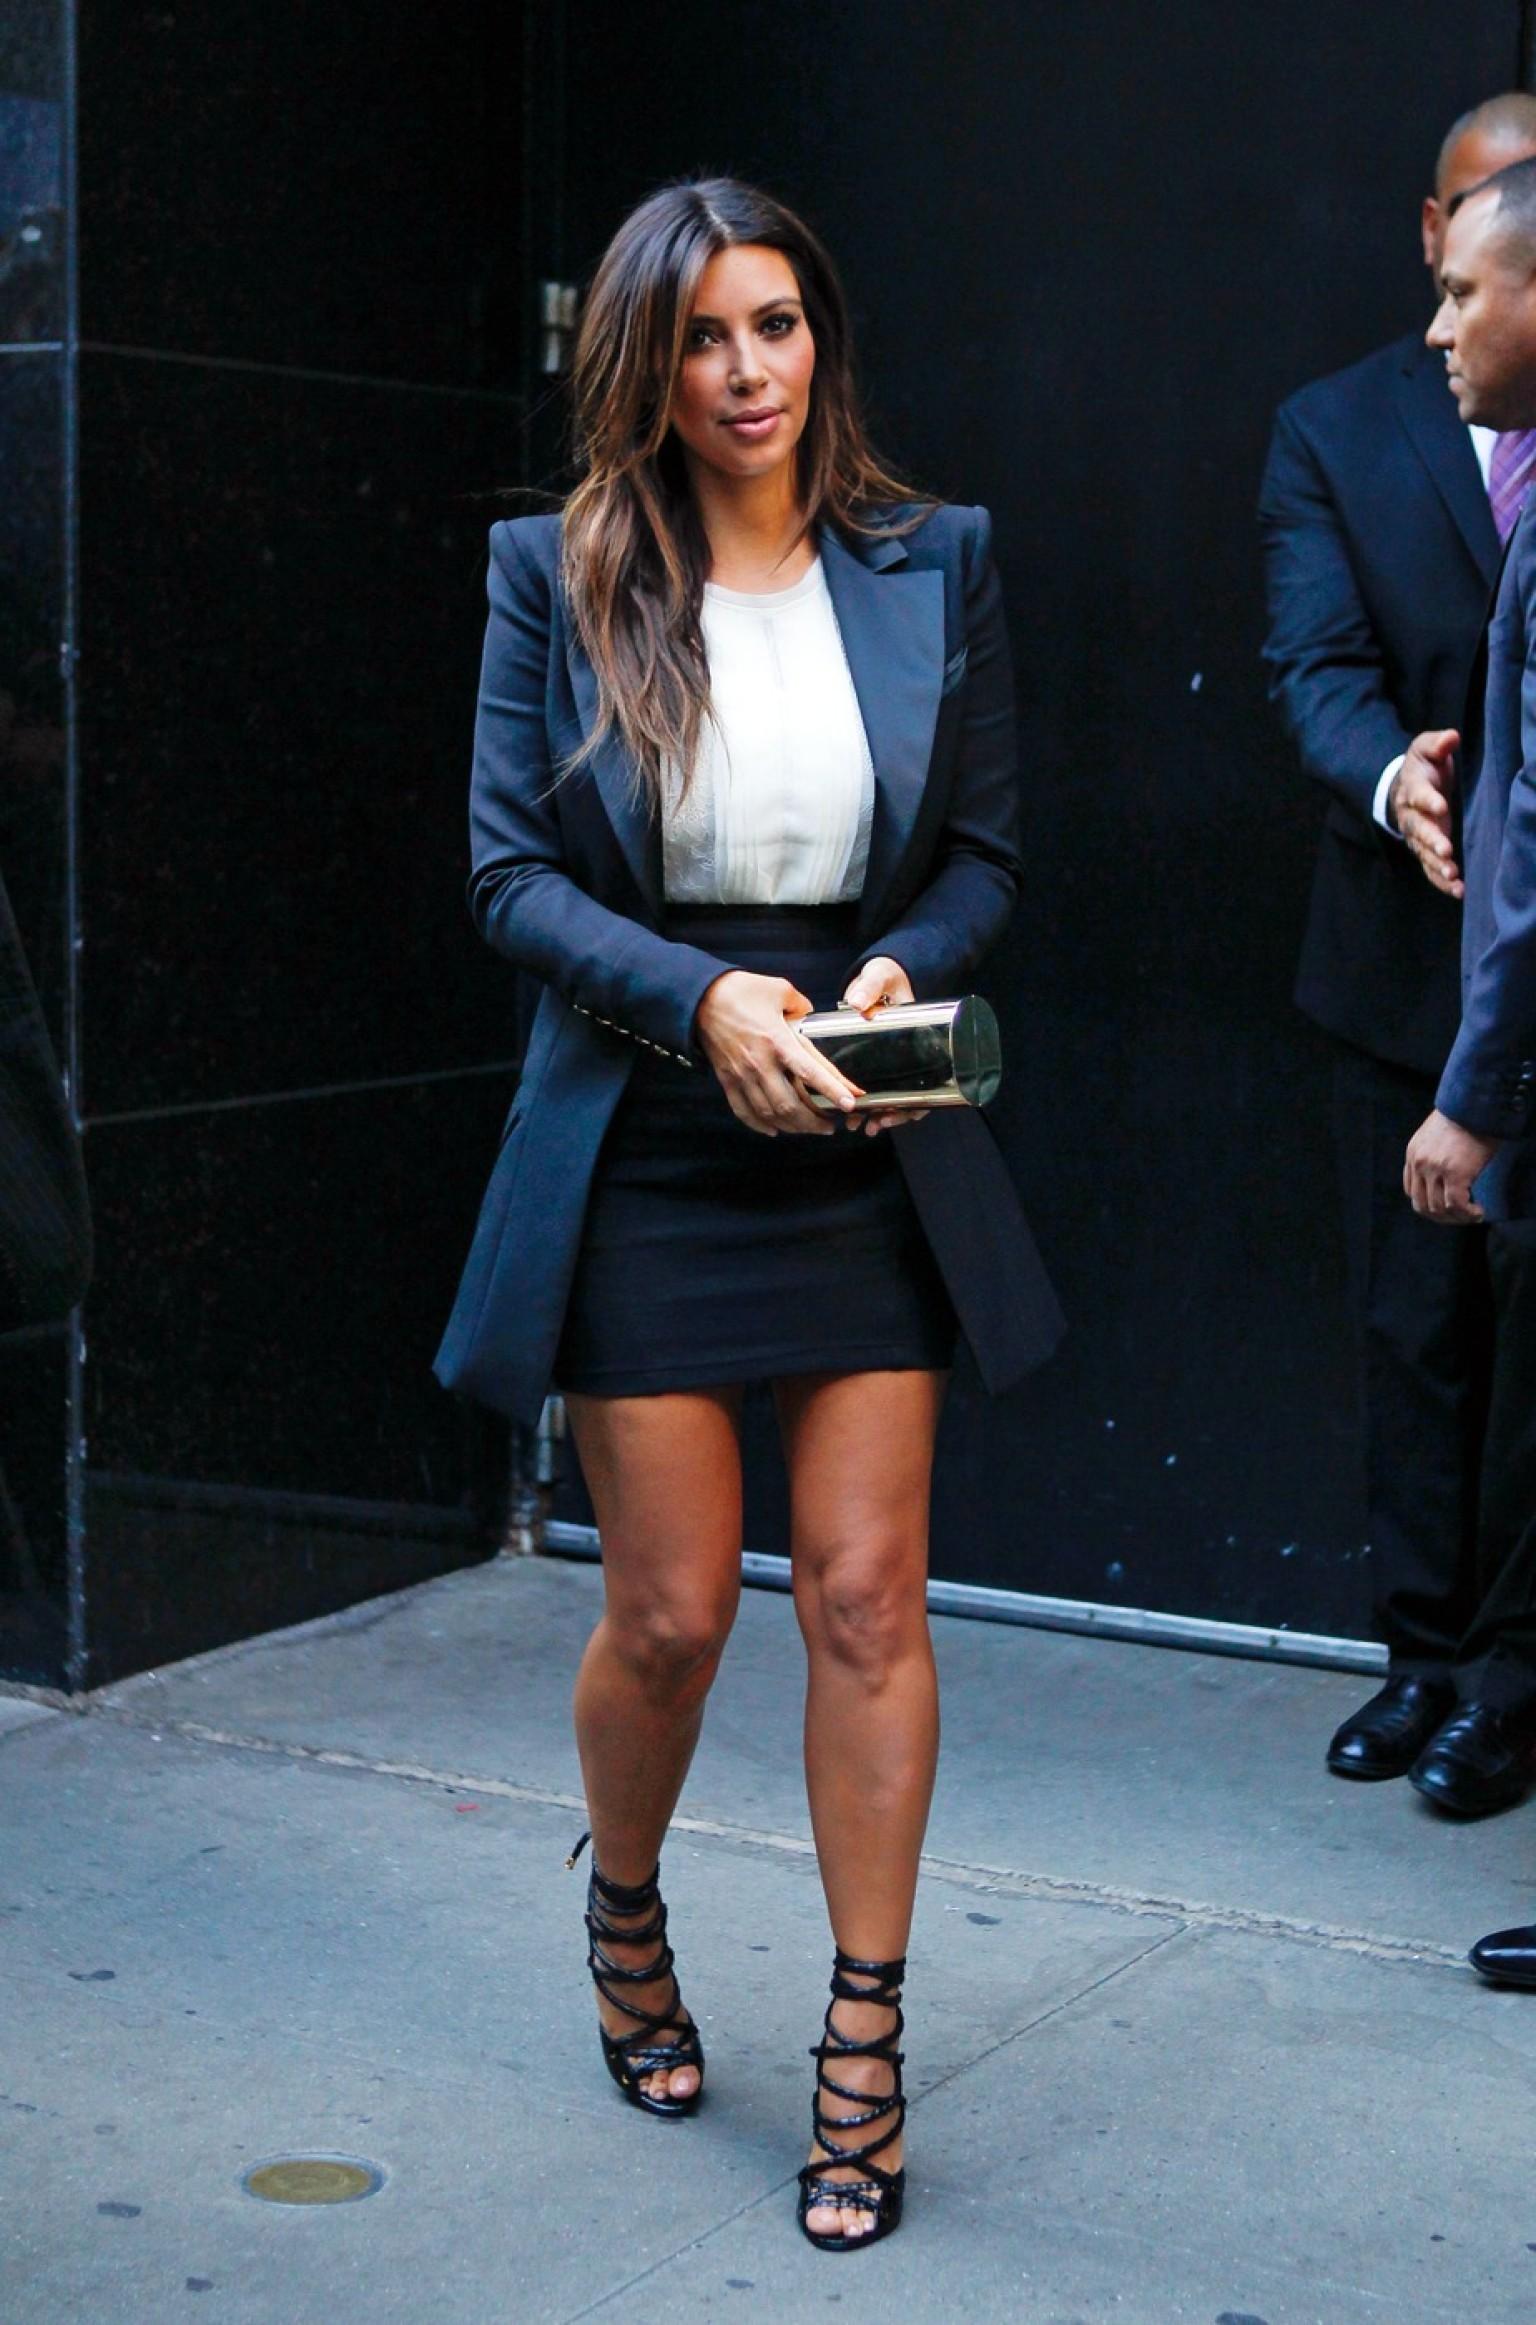 Kim Kardashian Knows How To Dress Her Curves Photo